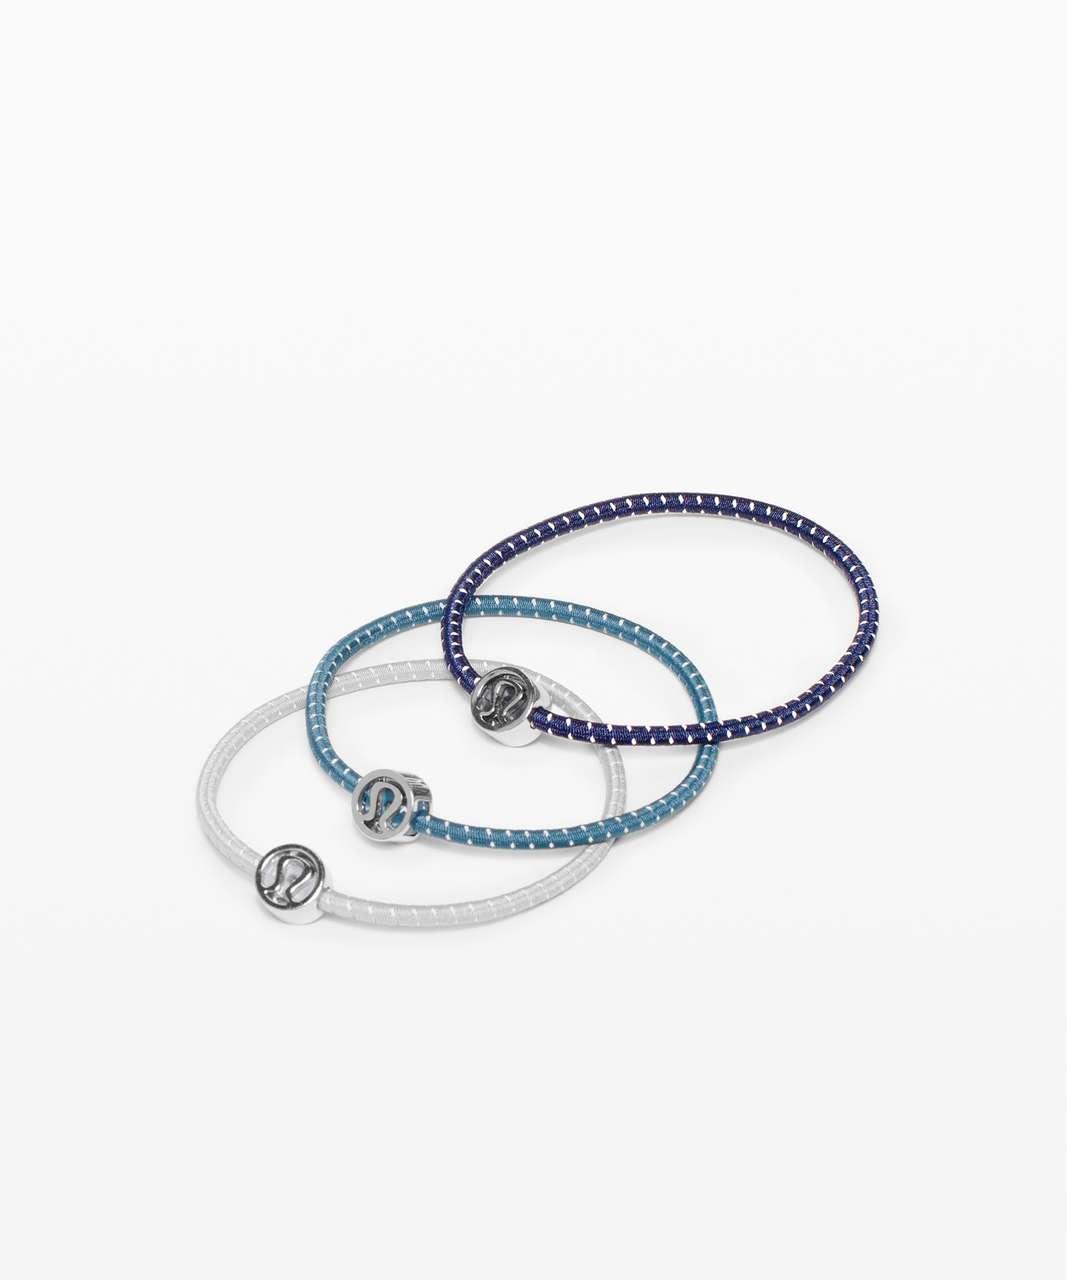 Lululemon Glow On Hair Ties - True Navy / Petrol Blue / Ice Grey